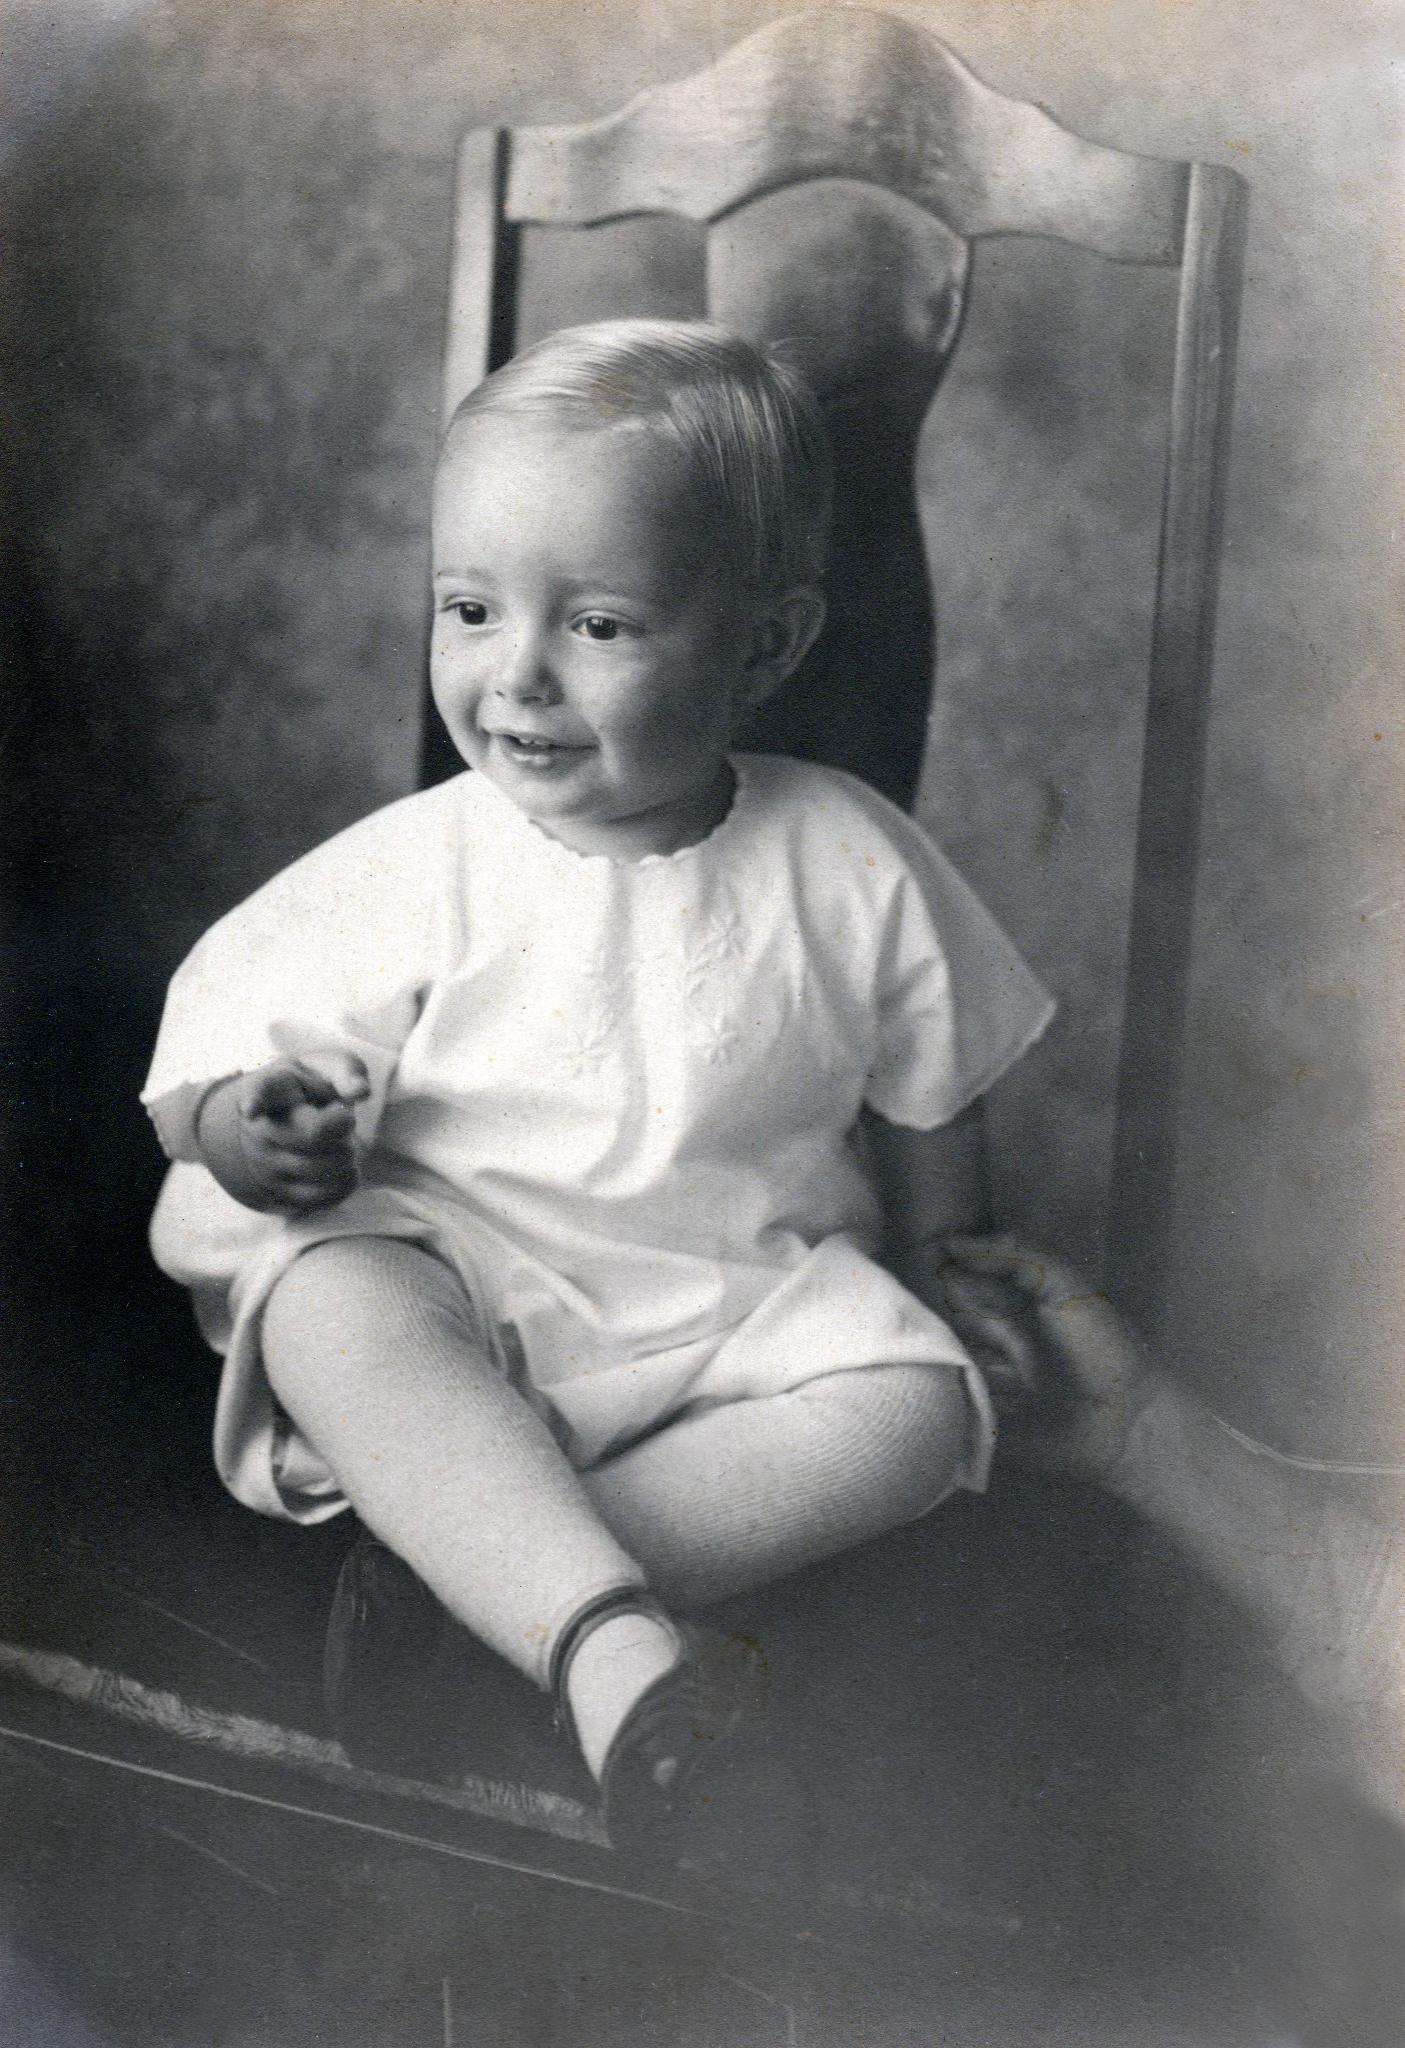 Robert Phillips - 1928